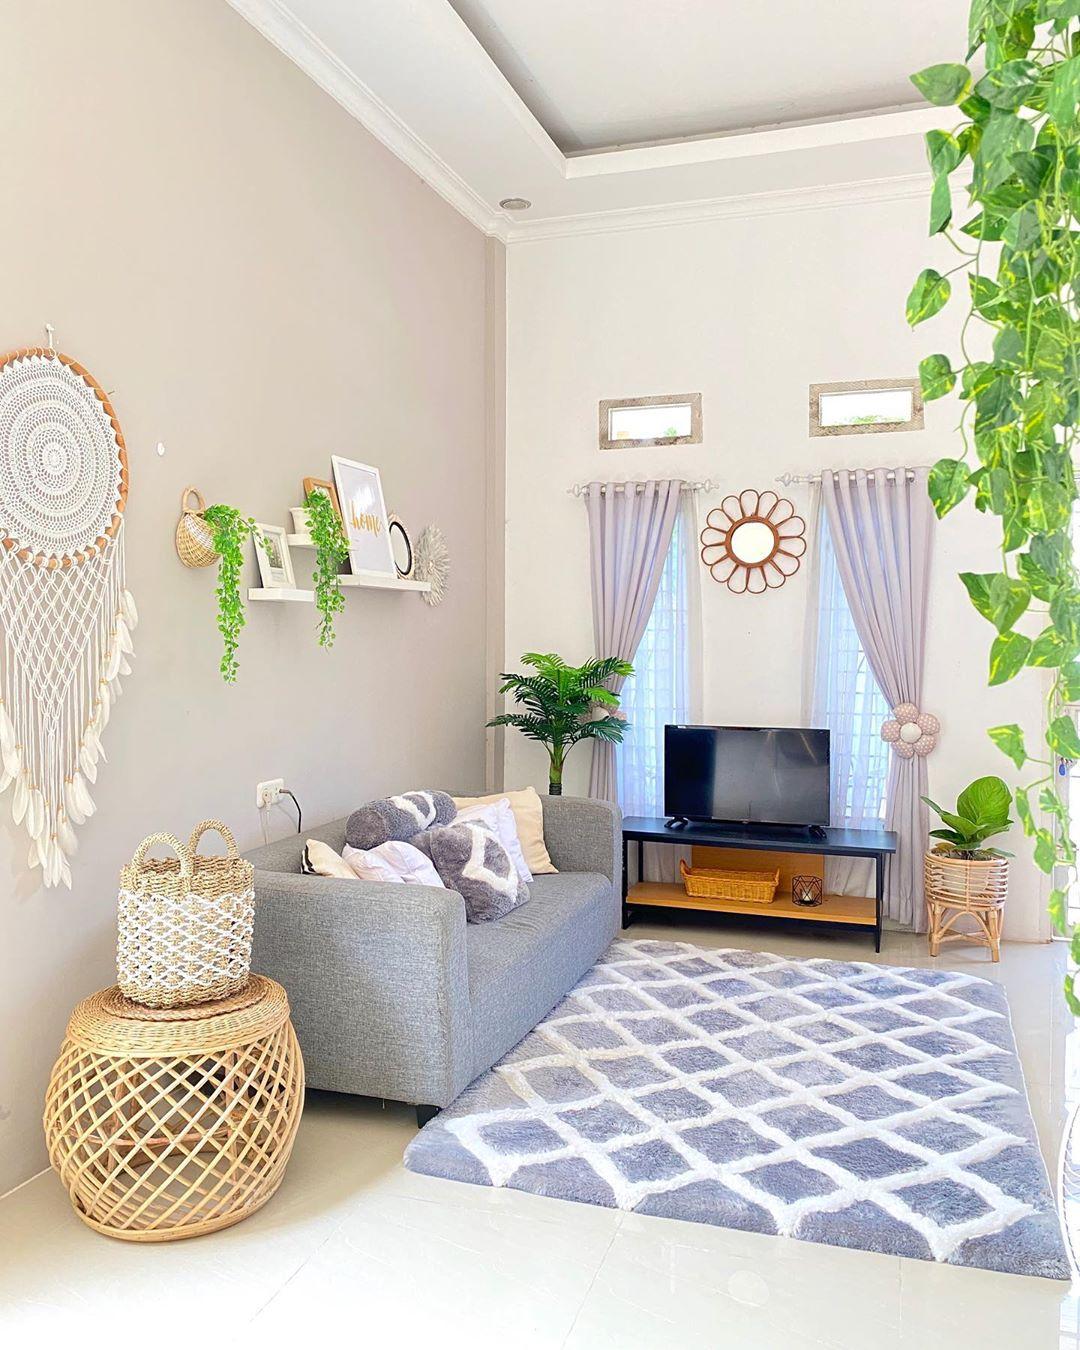 Baru 69+ Kombinasi Warna Sofa Yang Bagus